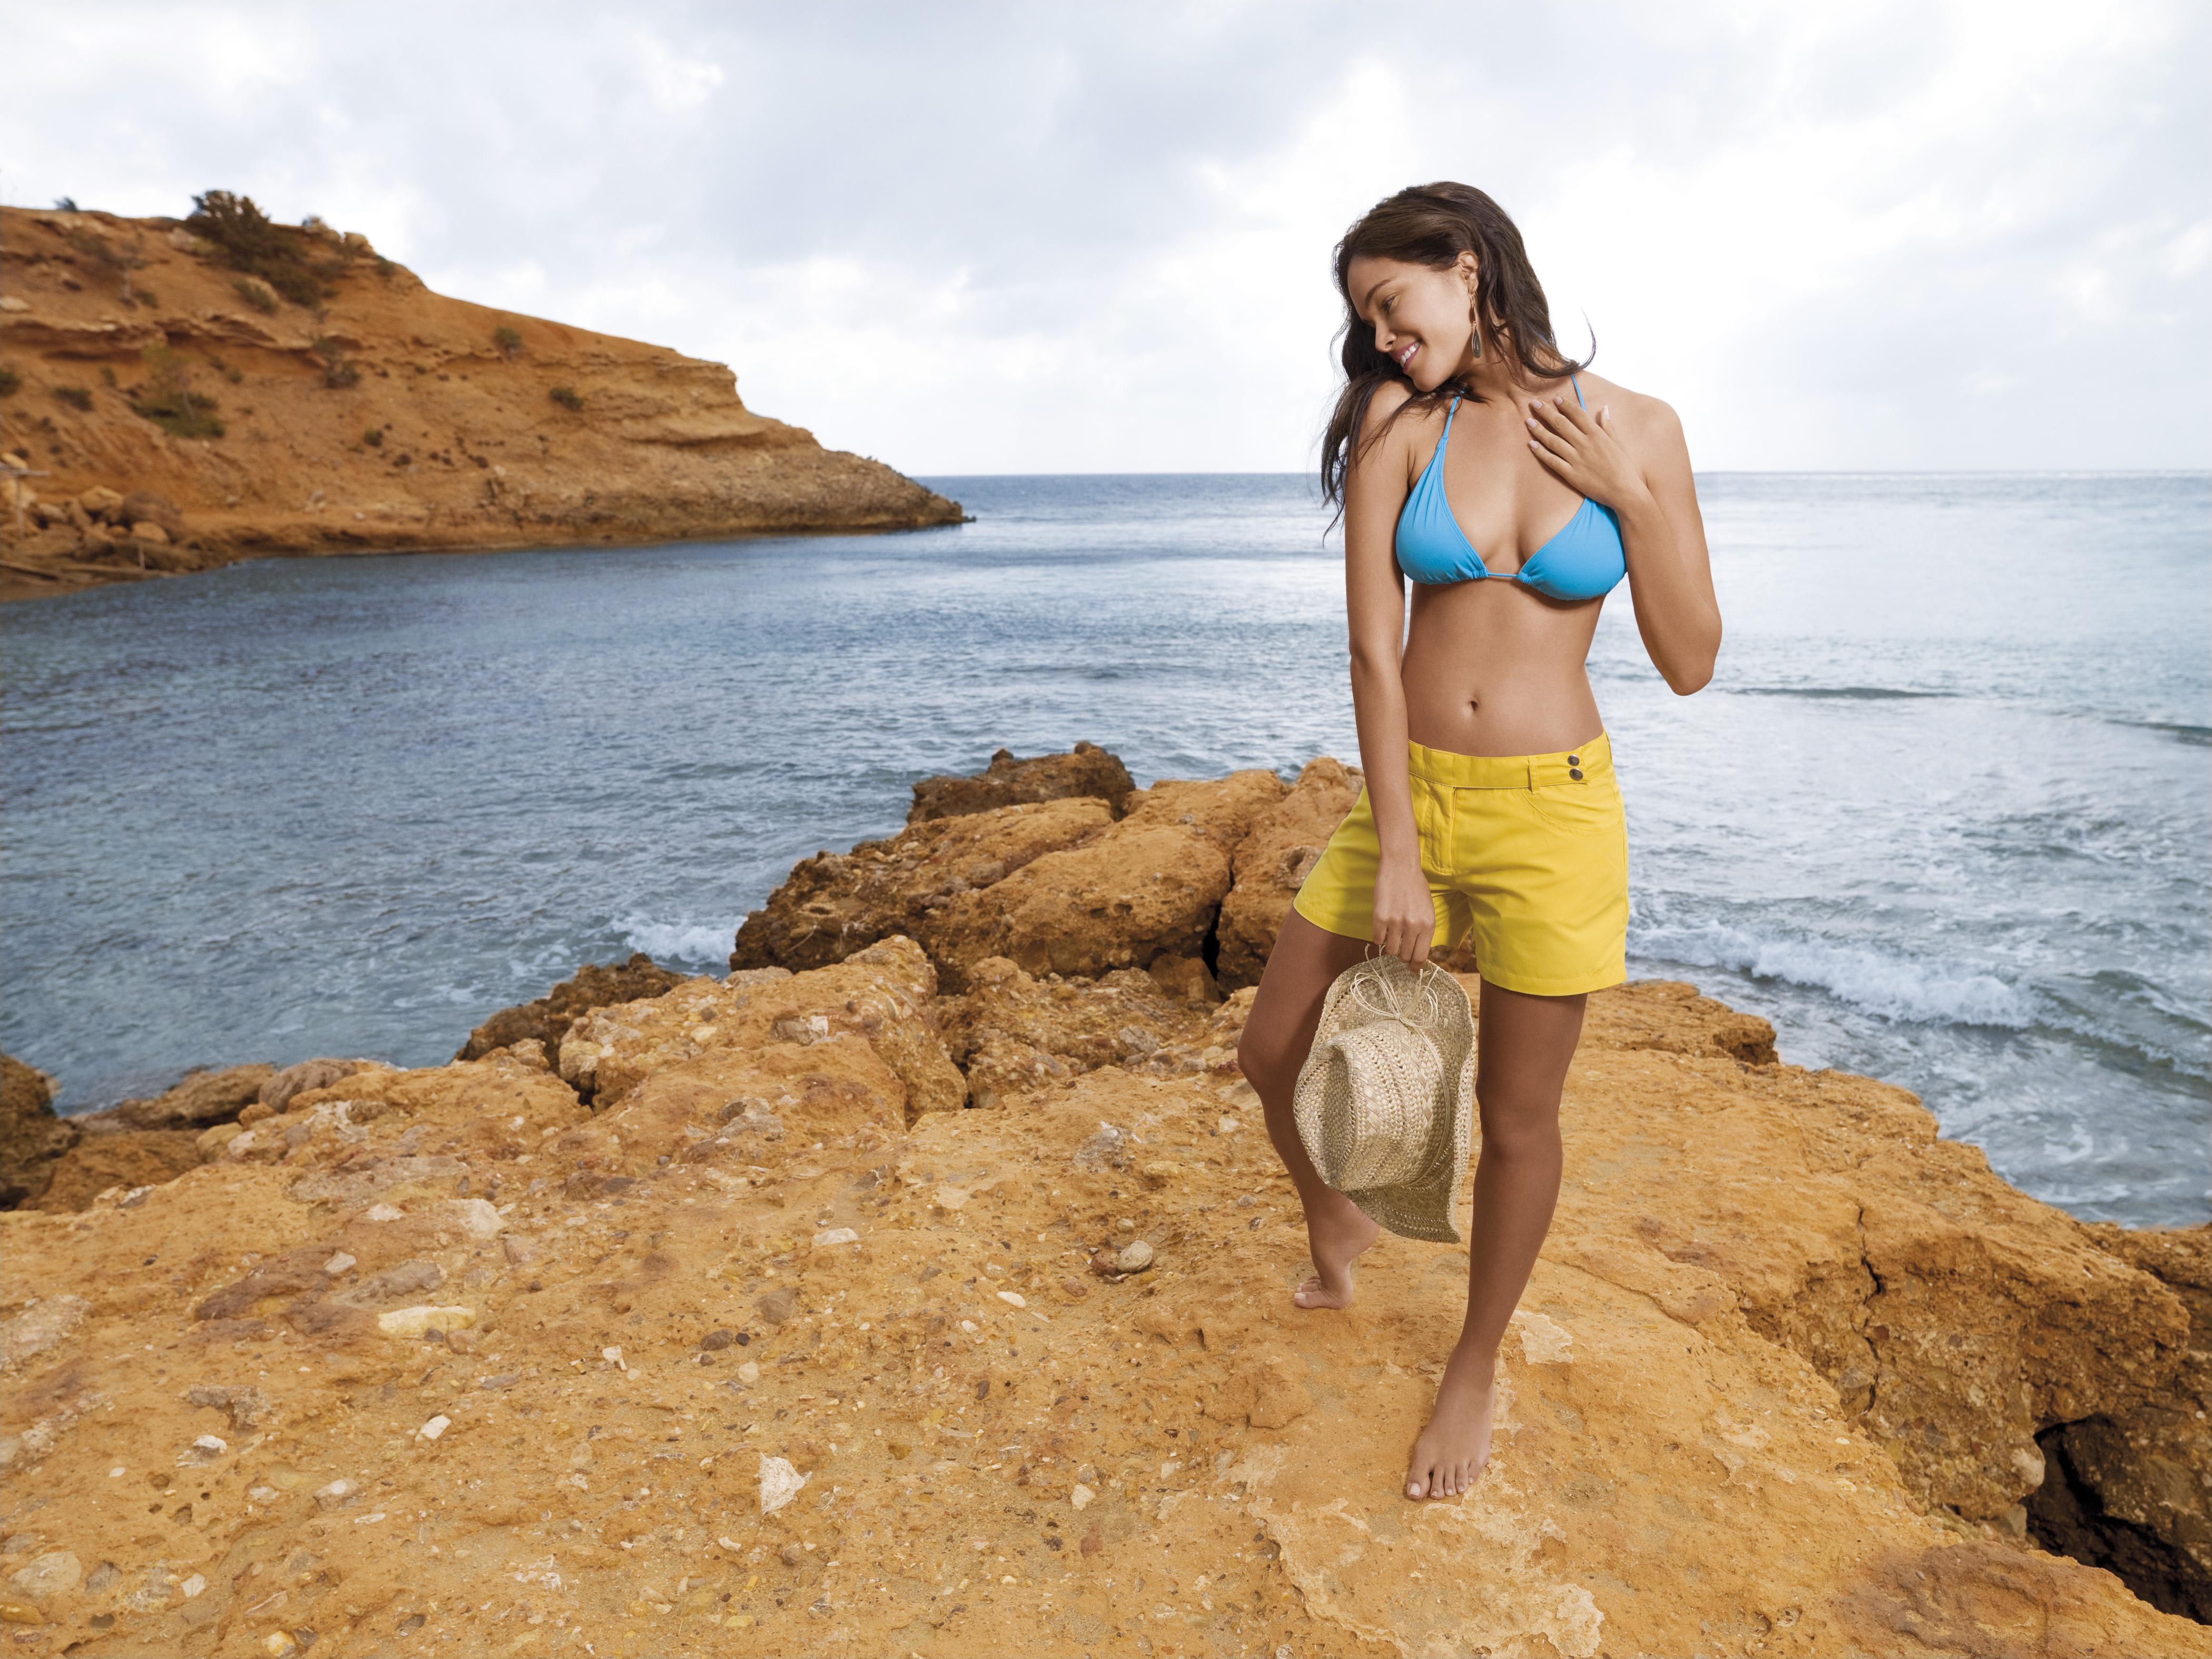 Фото красивые девушки и море 26 фотография